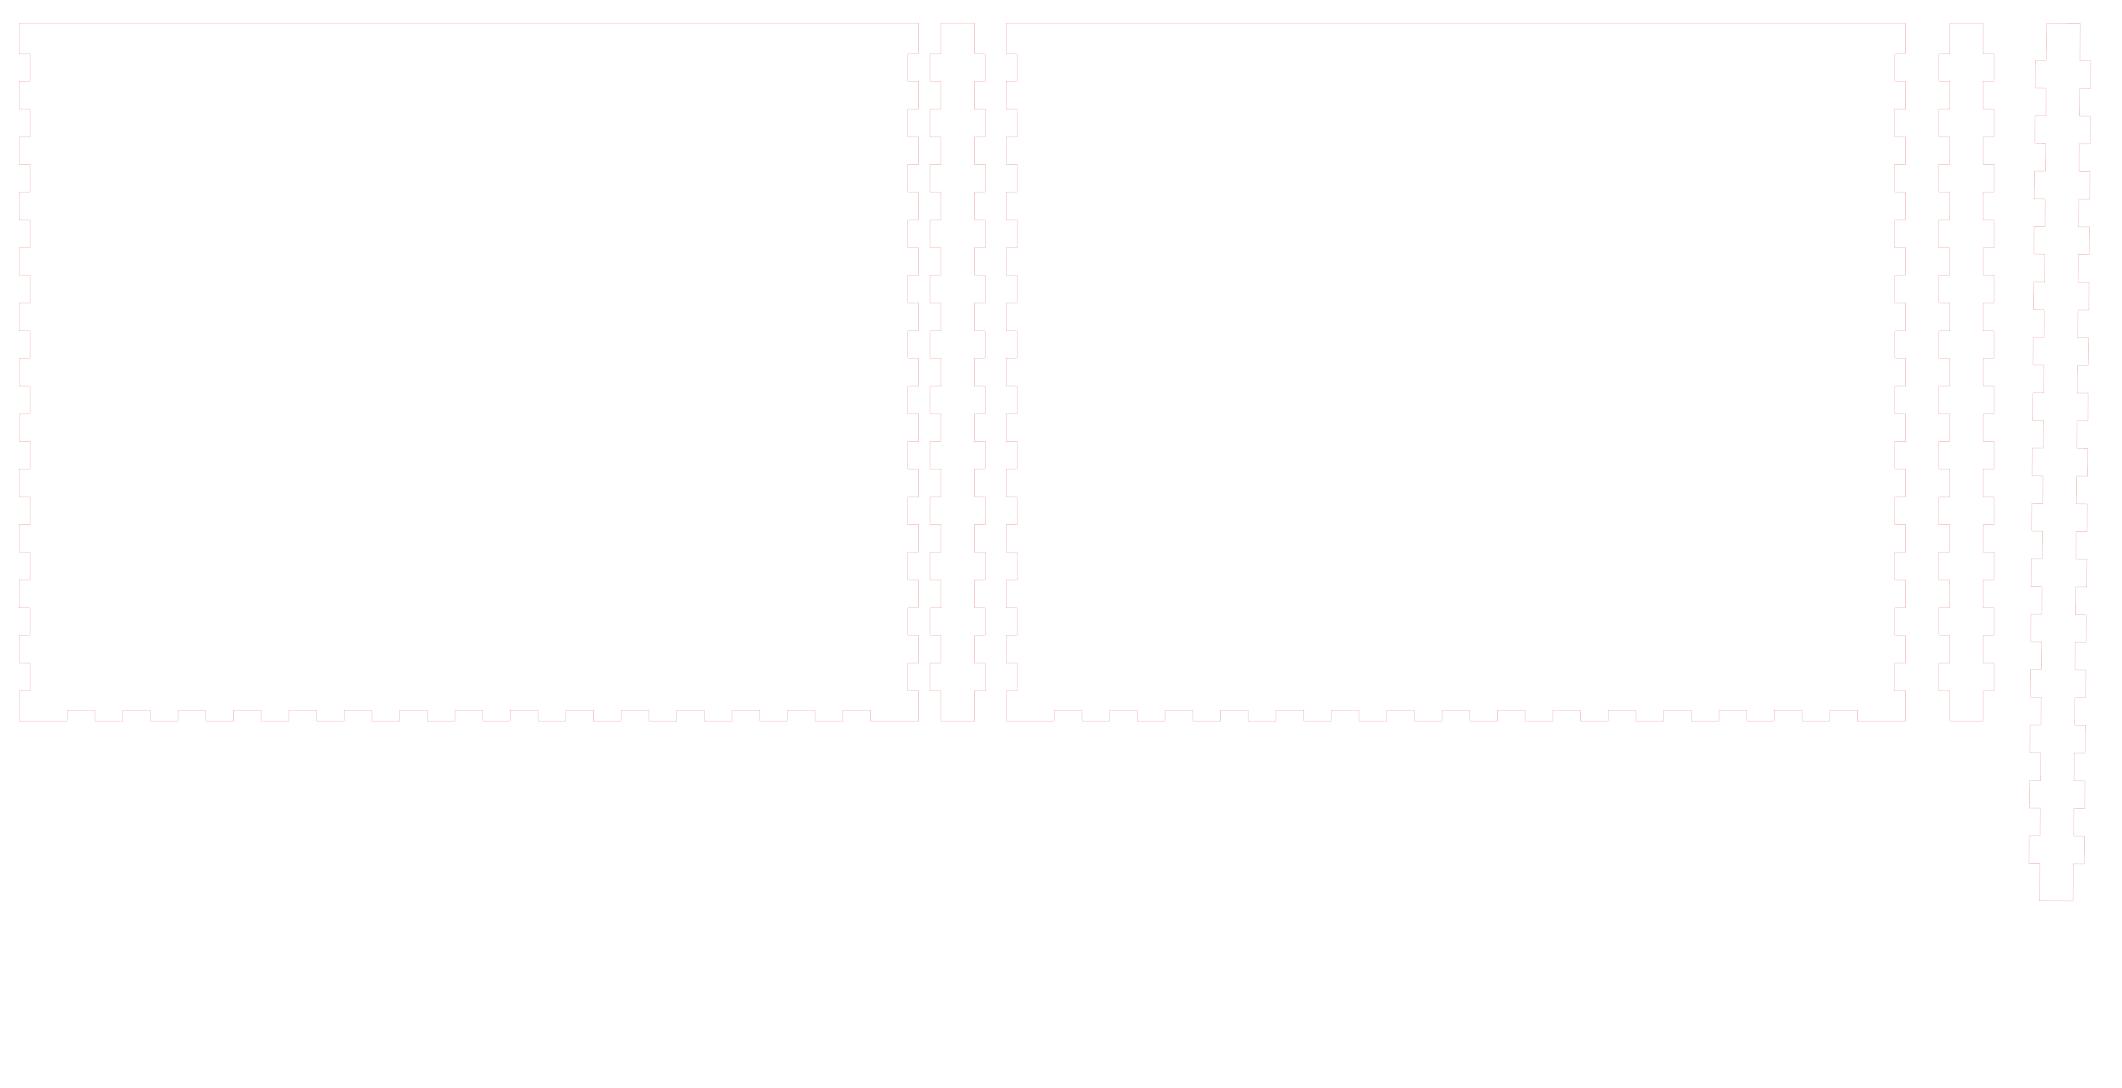 Screen Shot 2020-02-08 at 11.42.31 PM